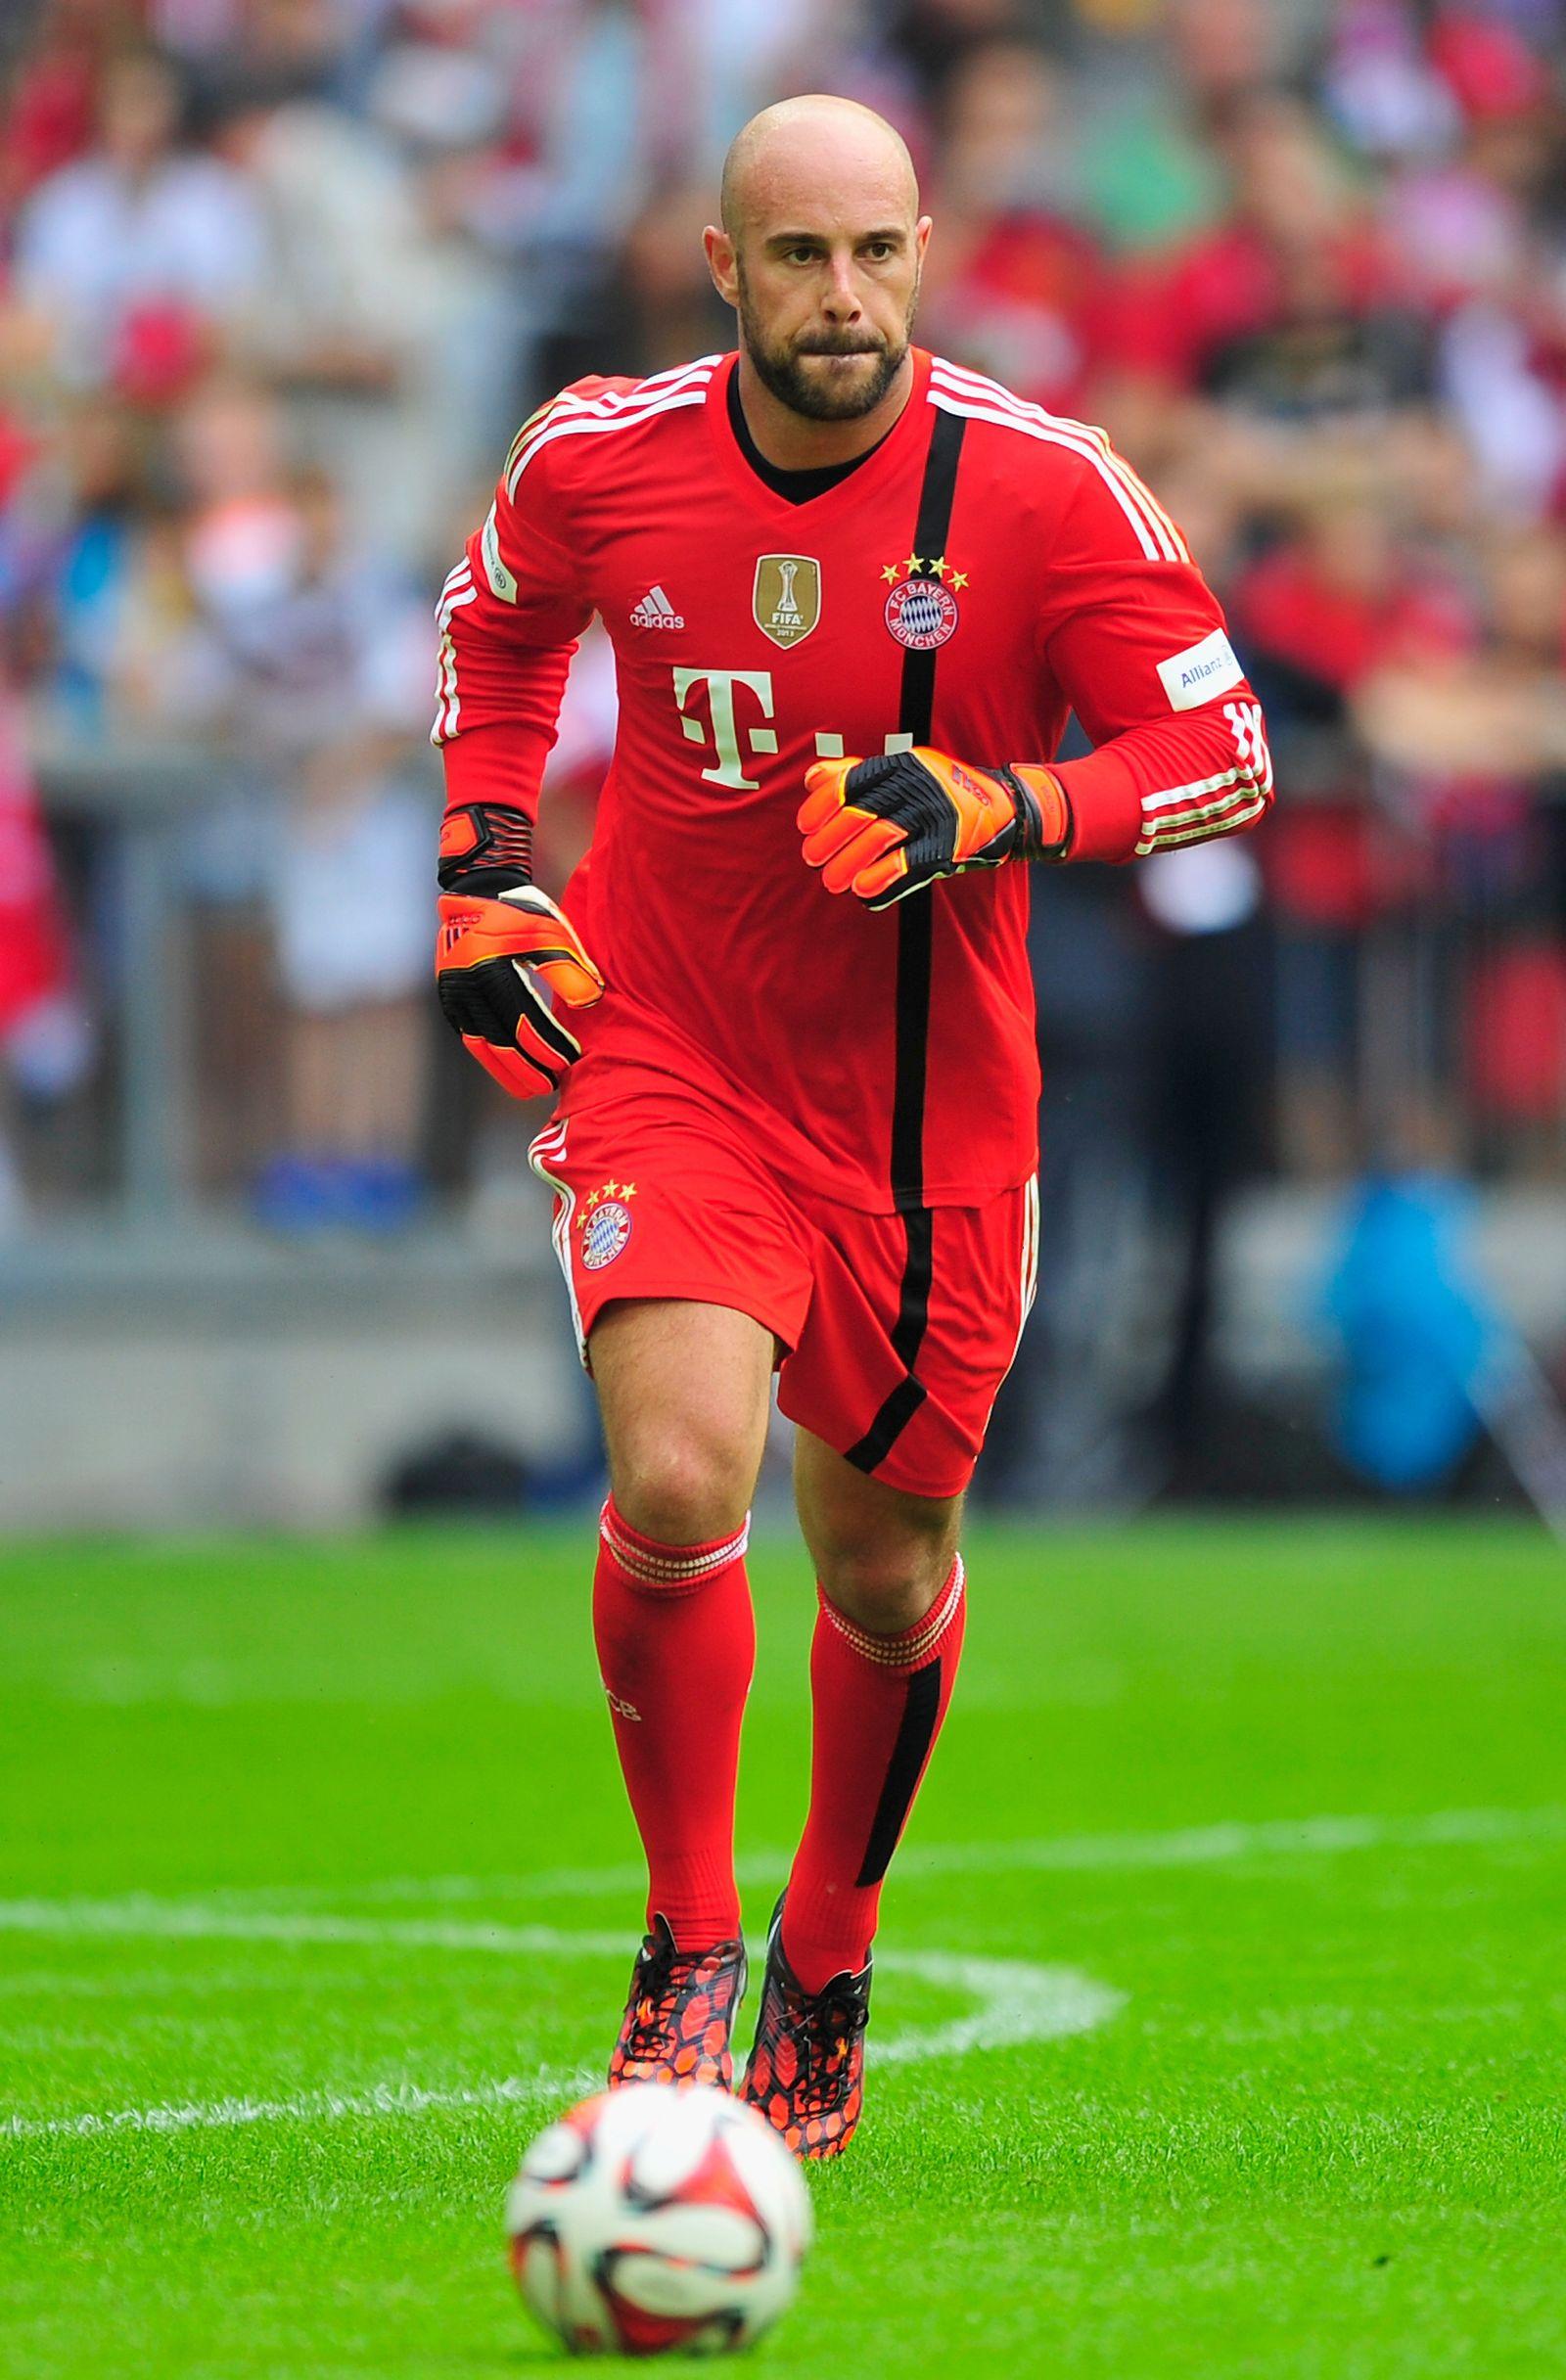 FC Bayern München/ Saison 2014/15/ Pepe Reina